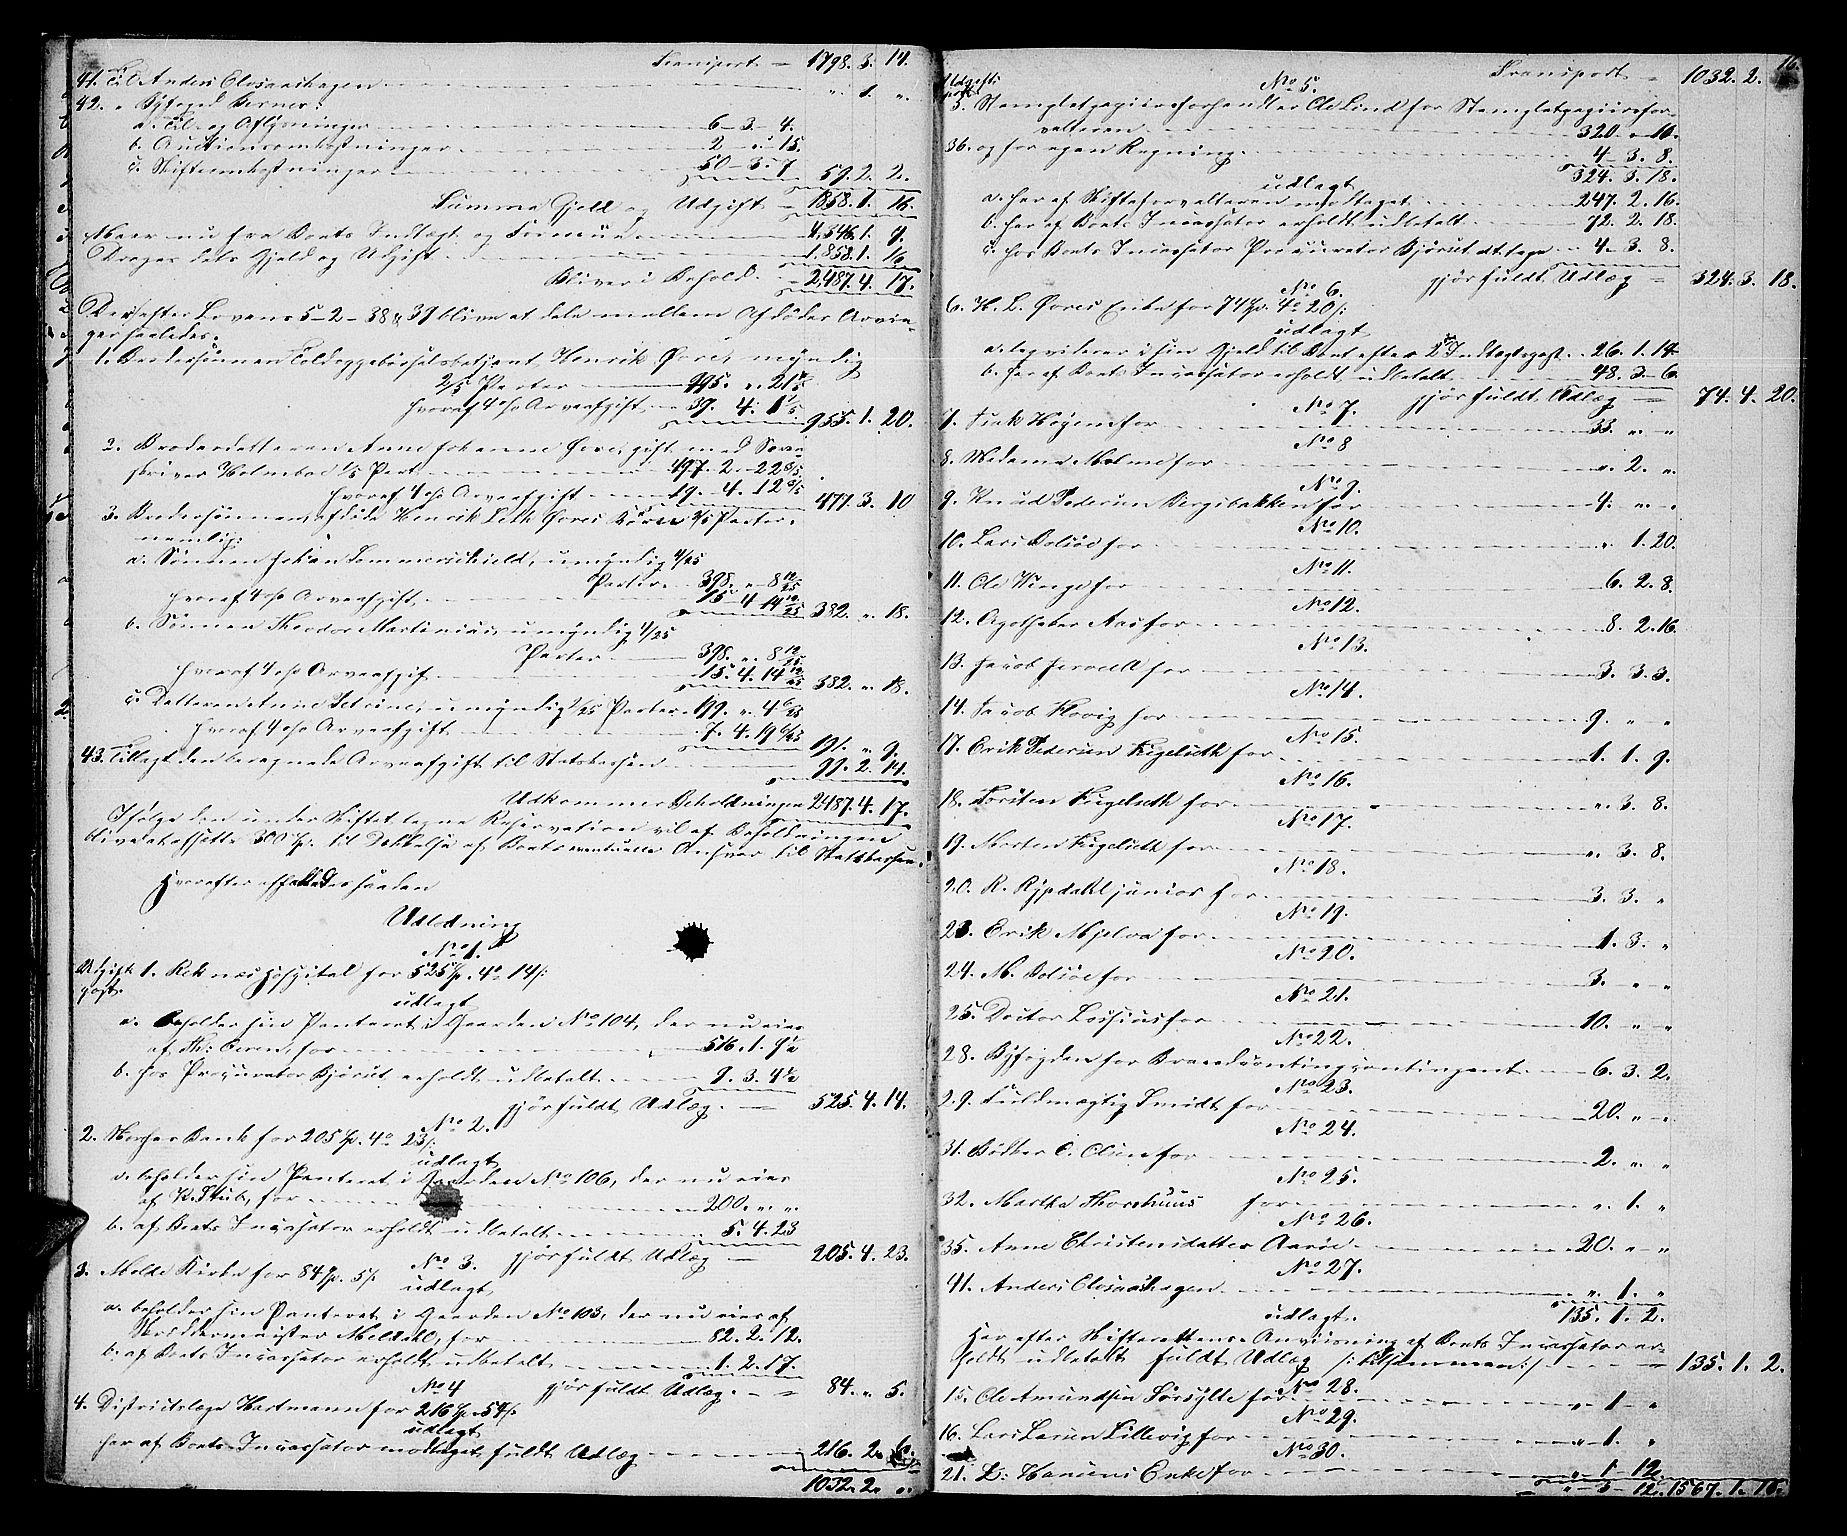 SAT, Molde byfogd, 3/3Ab/L0001: Skifteutlodningsprotokoll, 1842-1867, p. 16